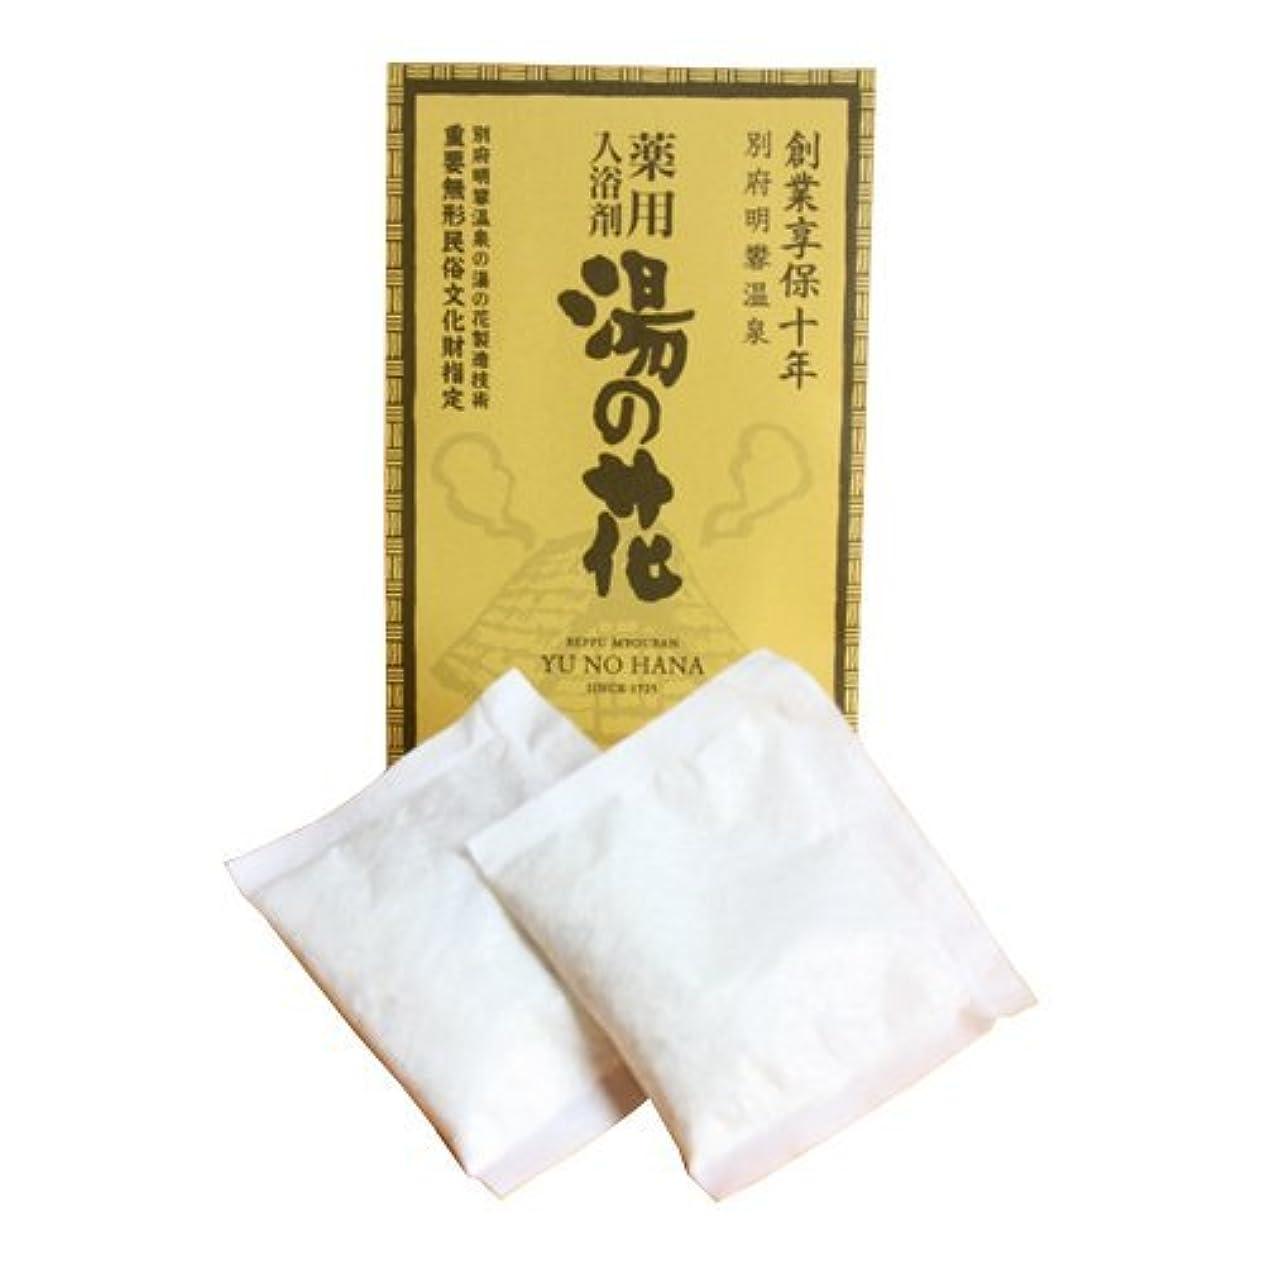 慢なカール賛辞明礬(みょうばん)温泉 薬用湯の花 2回分